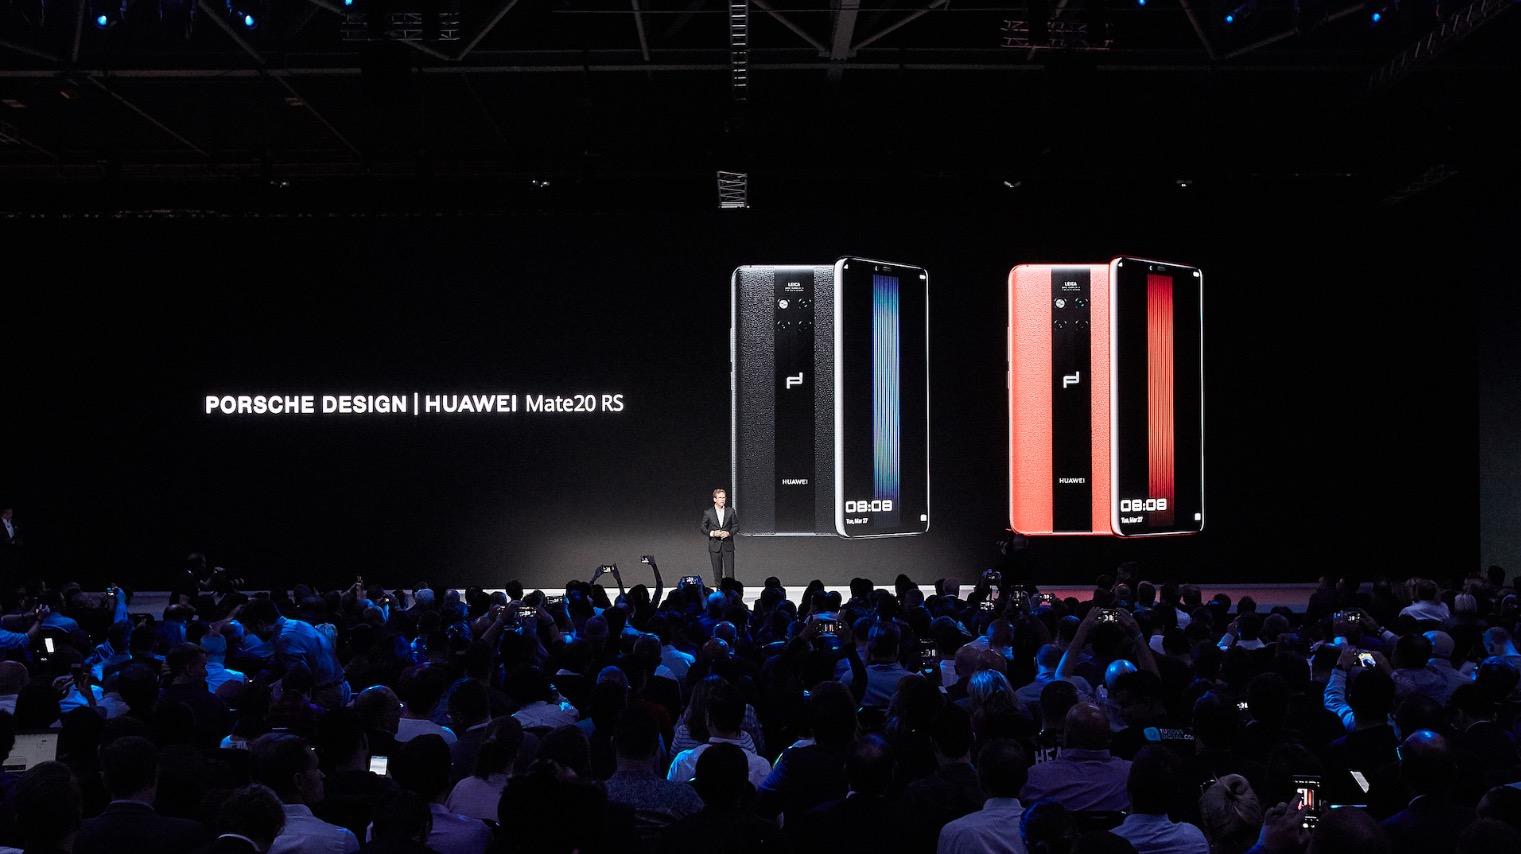 Huawei Porsche Design Mate 20 RS